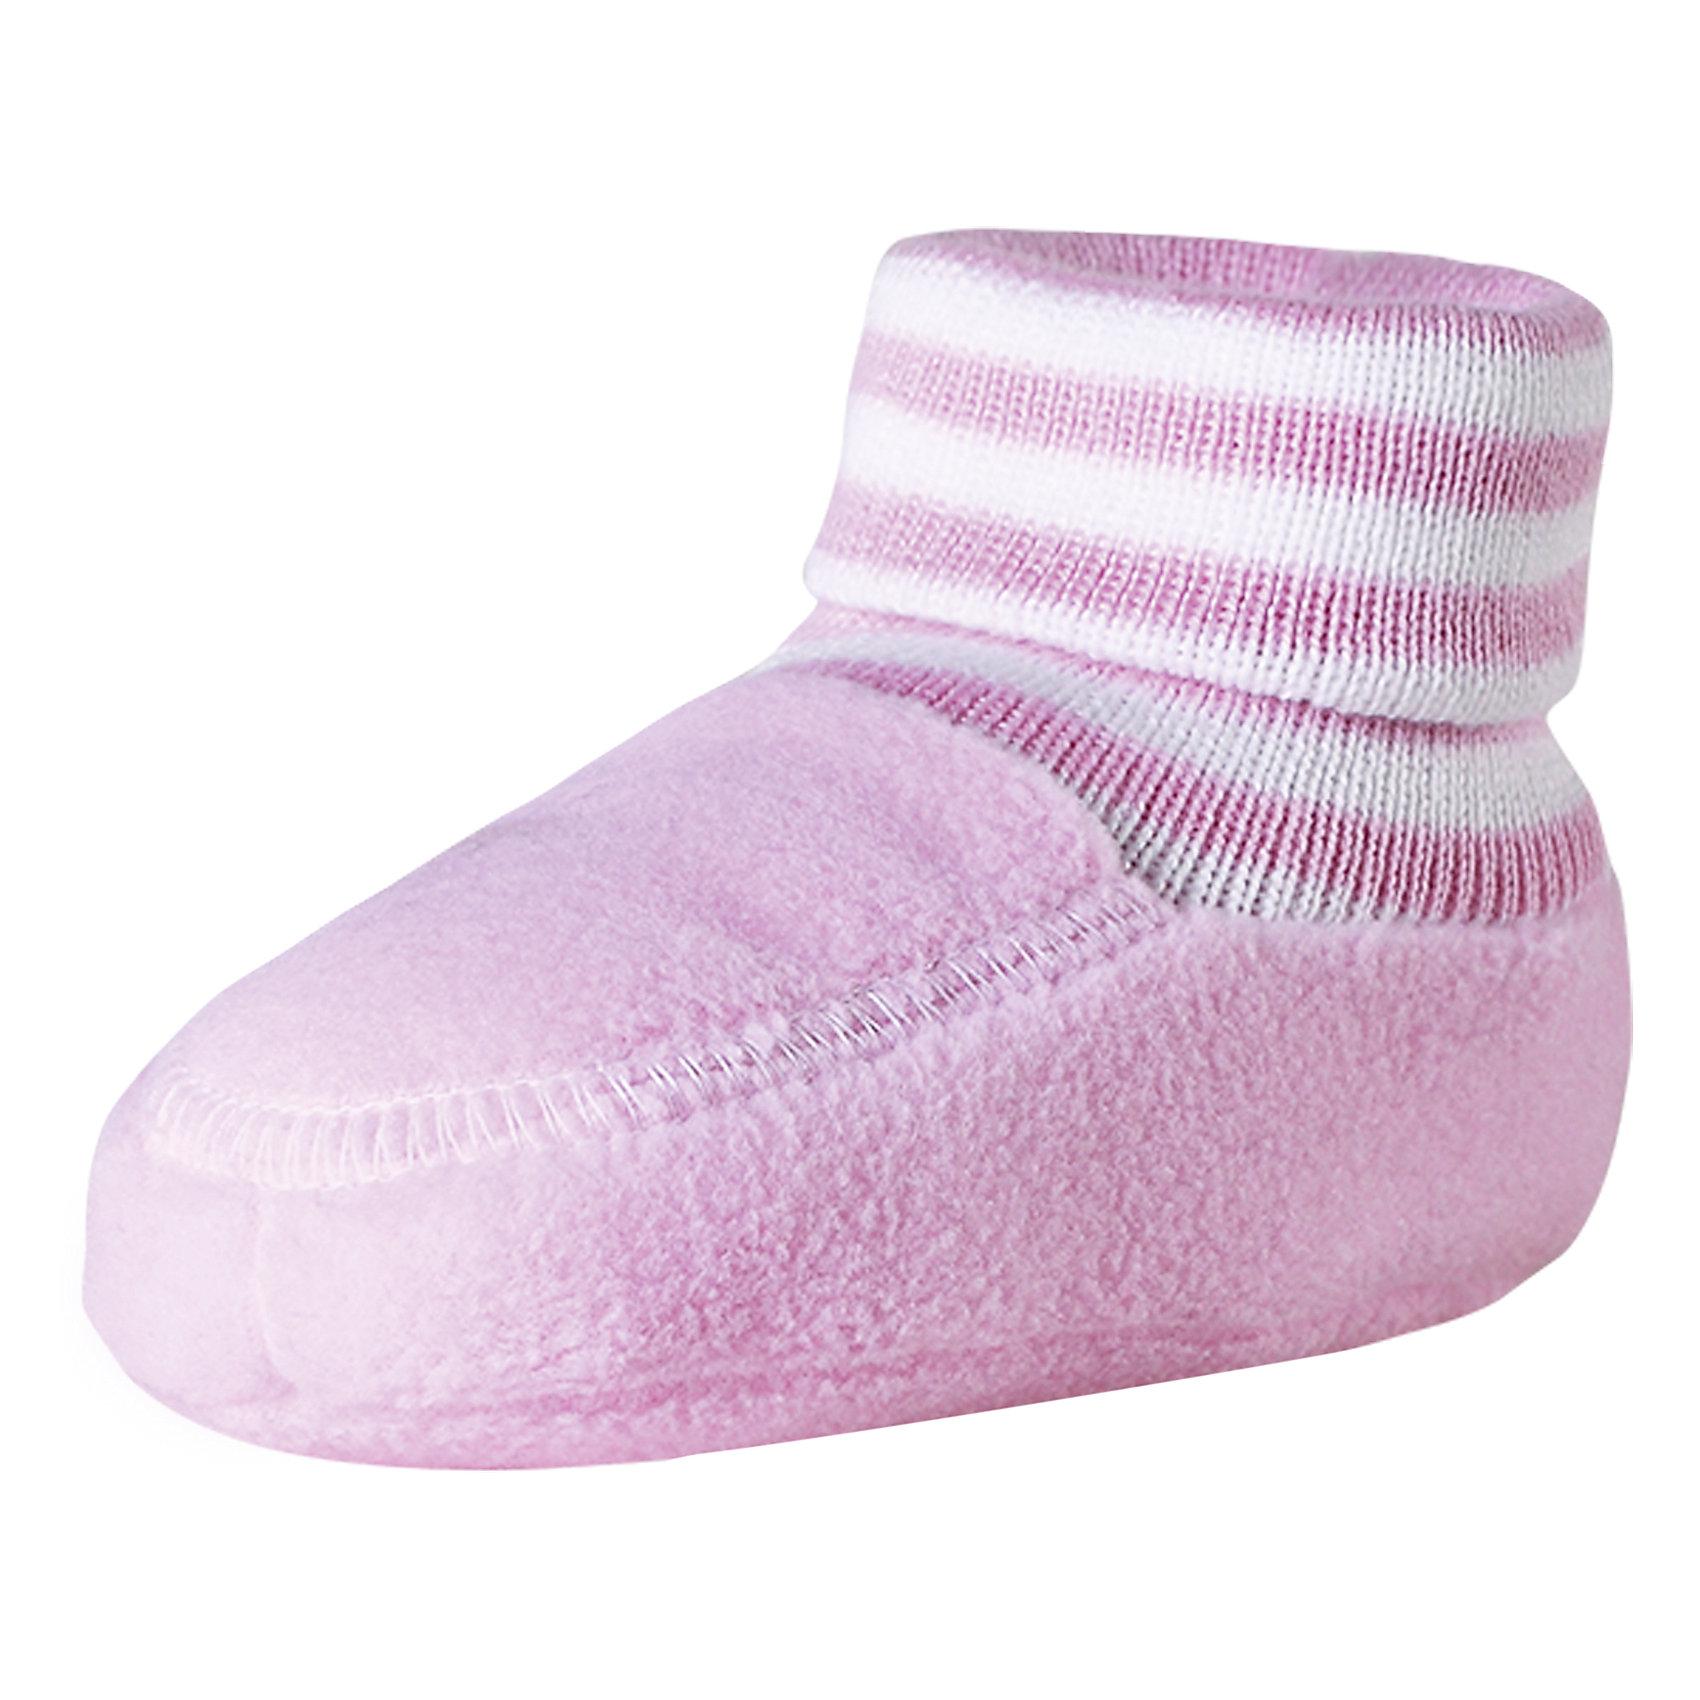 Пинетки Minute для девочки ReimaПинетки и царапки<br>Характеристики товара:<br><br>• цвет: розовый<br>• материал: поларфлис<br>• состав: 100% полиэстер<br>• теплый, легкий и быстросохнущий полярный флис<br>• эластичный хлопковый трикотаж<br>• основной материал сертифицирован Oeko-Tex, класс 1, одежда для малышей<br>• сплошная подкладка из хлопкового трикотажа<br>• декоративный логотип<br>• без утеплителя<br>• страна производства: Китай<br>• страна бренда: Финляндия<br>• коллекция: весна-лето 2017<br><br>Reima представляет пинетки для малышей. Они помогут обеспечить ребенку комфорт и удобство. Пинетки отлично смотрятся с различной одеждой. Изделия удобно сидят и модно выглядят, в их основе мягкий и теплый материал. Стильный дизайн разрабатывался специально для детей.<br><br>Одежда и обувь от финского бренда Reima пользуется популярностью во многих странах. Эти изделия стильные, качественные и удобные. Для производства продукции используются только безопасные, проверенные материалы и фурнитура. Порадуйте ребенка модными и красивыми вещами от Reima! <br><br>Пинетки для мальчика от финского бренда Reima (Рейма) можно купить в нашем интернет-магазине.<br><br>Ширина мм: 152<br>Глубина мм: 126<br>Высота мм: 93<br>Вес г: 242<br>Цвет: розовый<br>Возраст от месяцев: 6<br>Возраст до месяцев: 18<br>Пол: Женский<br>Возраст: Детский<br>Размер: 1,0<br>SKU: 5271175